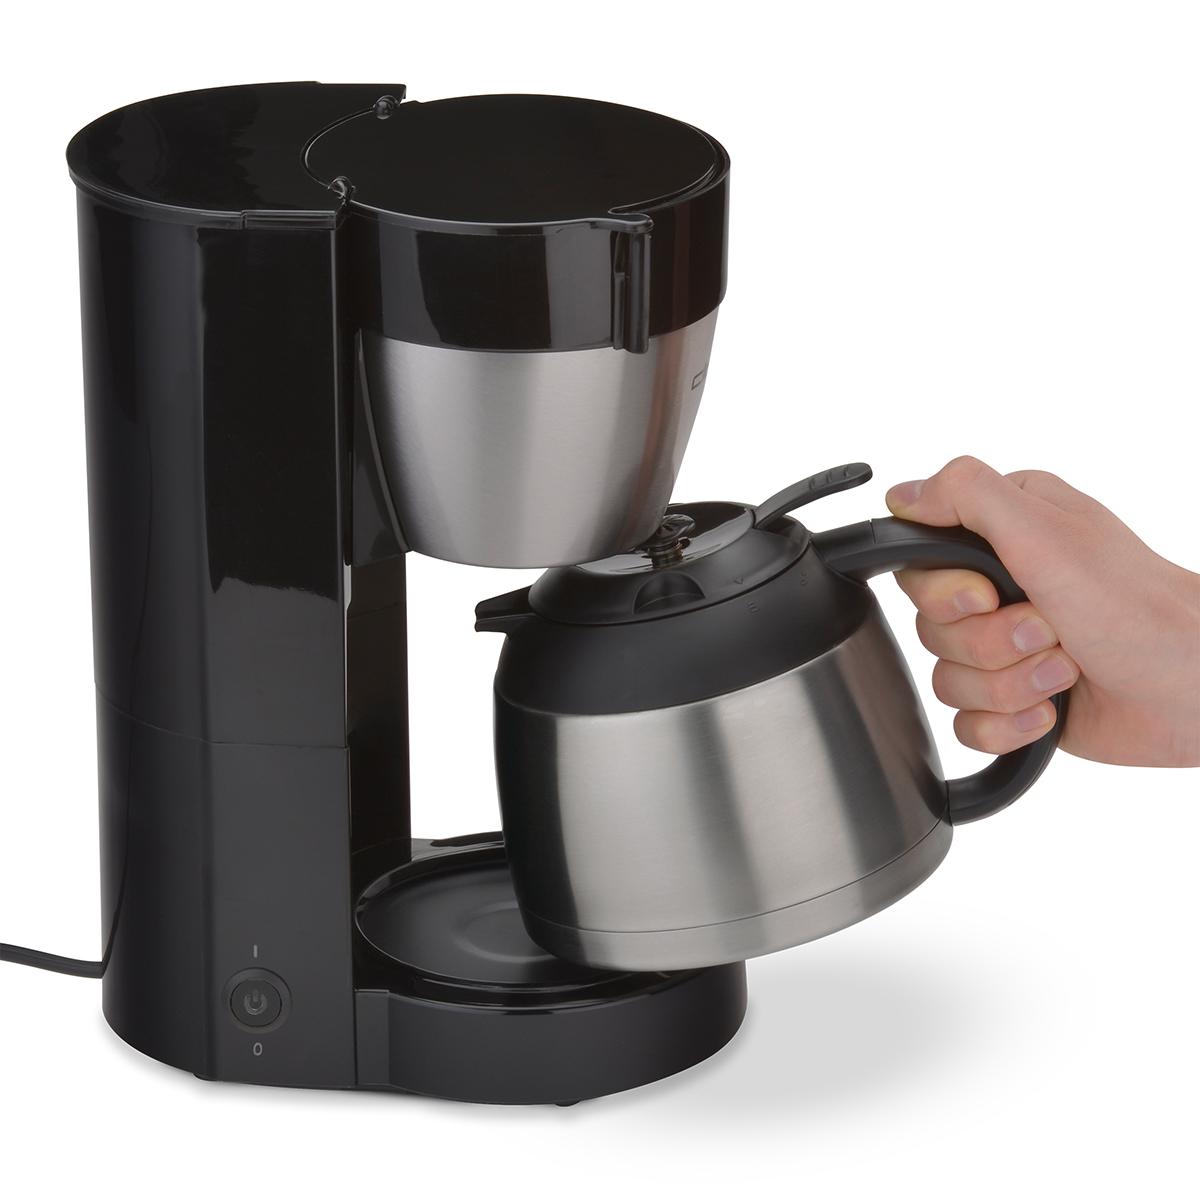 Cloer Kaffeeautomat 5009